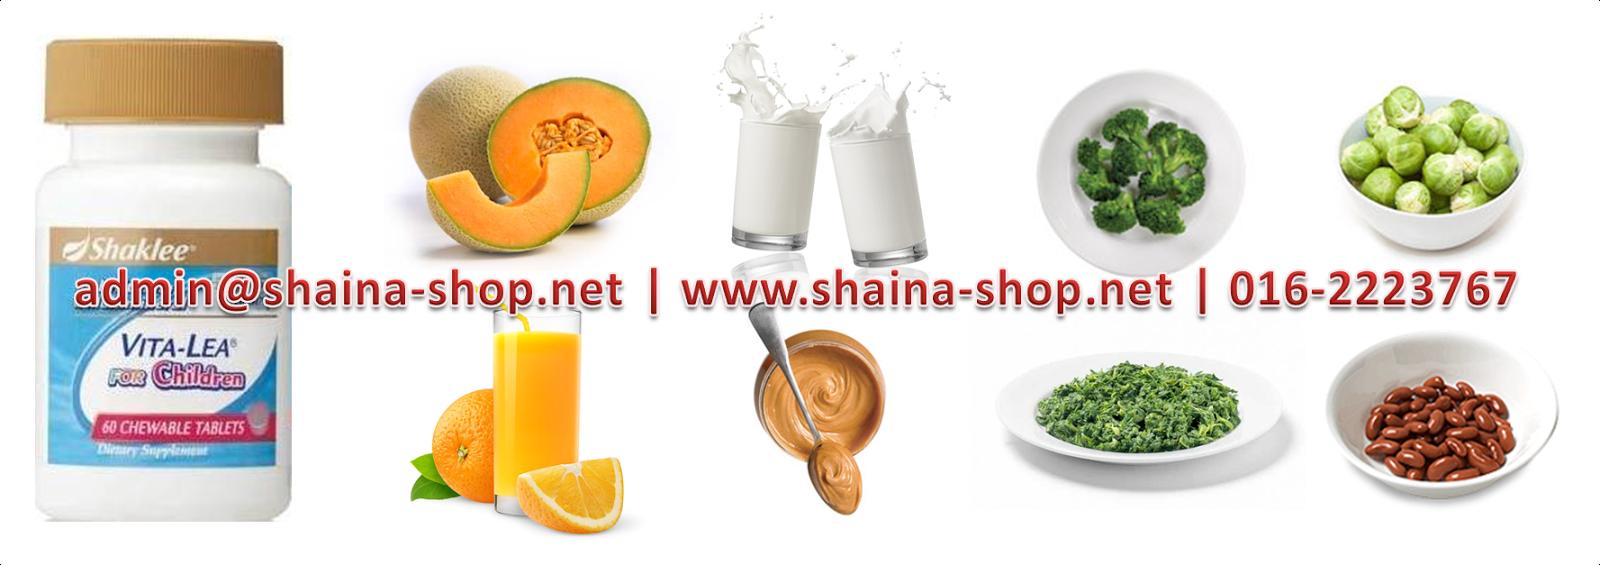 KANDUNGAN NUTRISI DI DALAM VITA-LEA FOR CHILDREN SHAKLEE